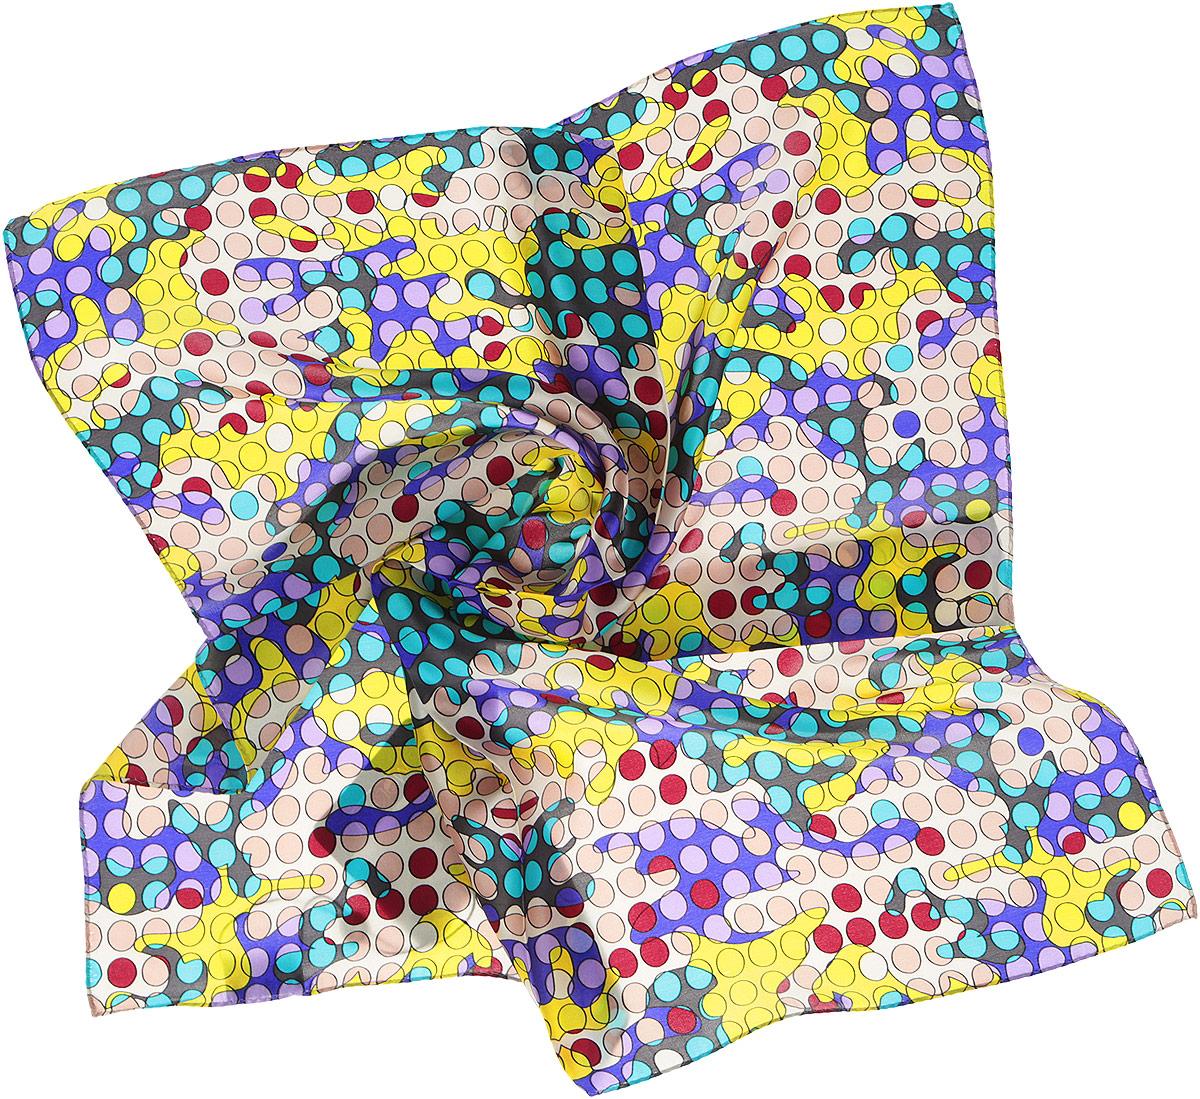 Платок женский Moltini, цвет: фиолетовый, желтый, бежевый. 216116-1L. Размер 55 см х 55 см216116-1LПлаток Moltini станет изысканным аксессуаром, который призван подчеркнуть индивидуальность и очарование женщины. Платок выполнен из 100% шелка и оформлен абстрактным принтом.Этот модный аксессуар женского гардероба гармонично дополнит образ современной женщины, следящей за своим имиджем и стремящейся всегда оставаться стильной и элегантной.